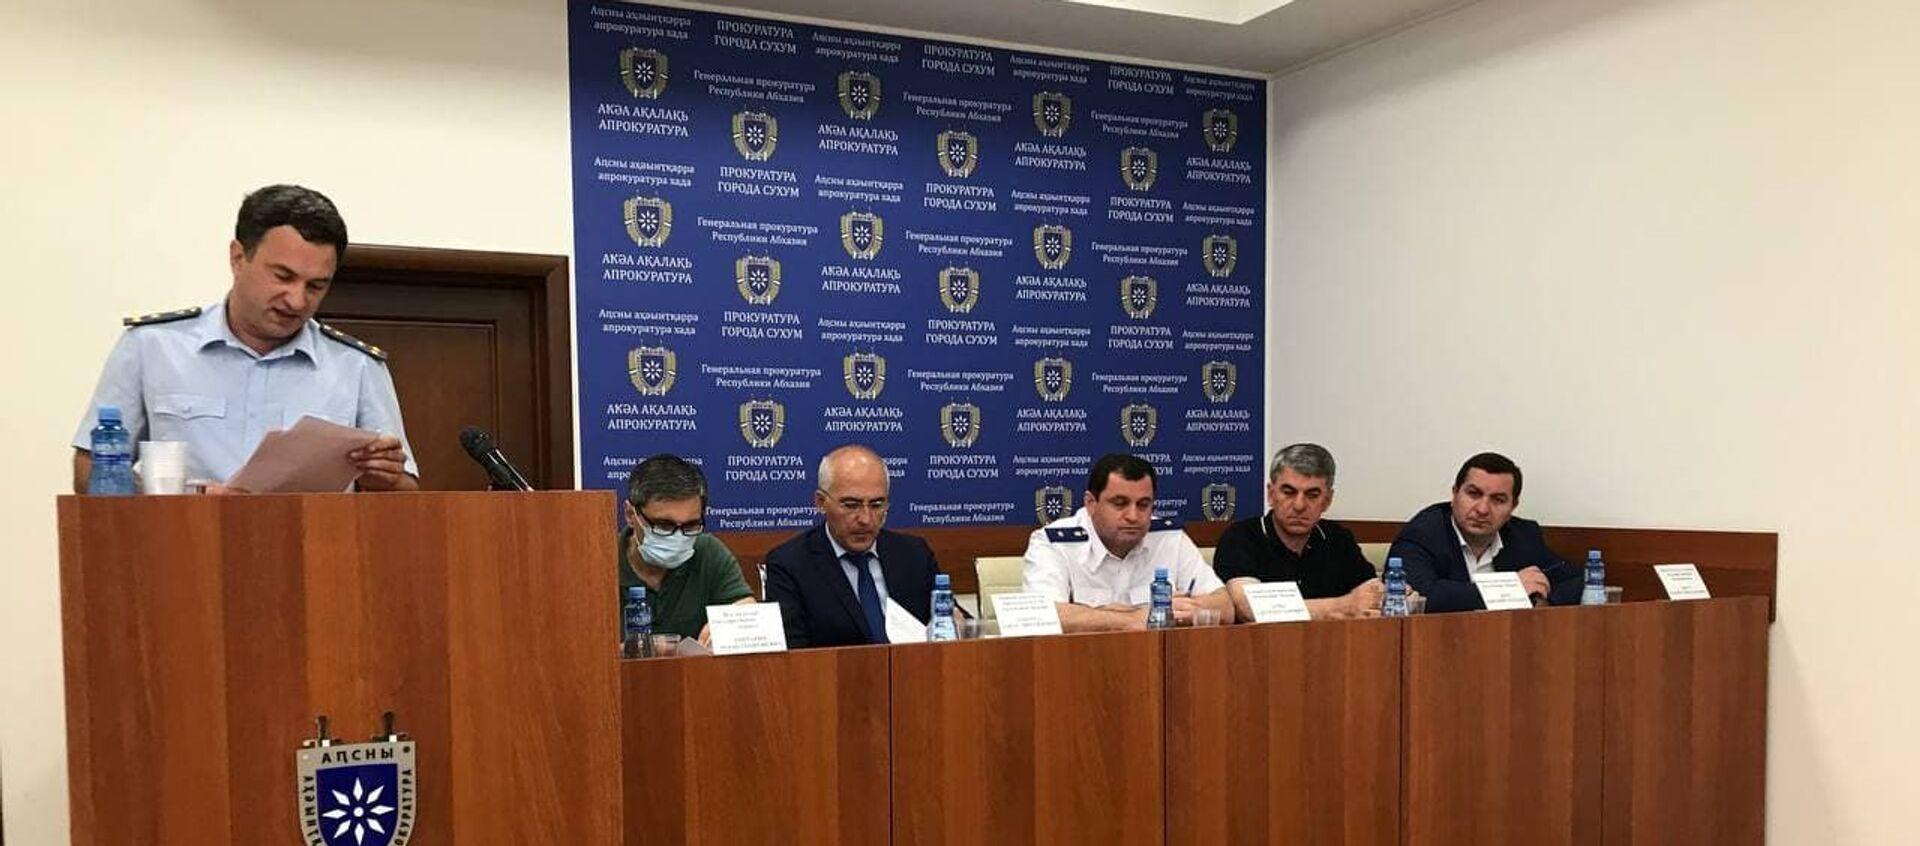 Совещание силовиков прошло в прокуратуре Сухума  - Sputnik Абхазия, 1920, 21.07.2021